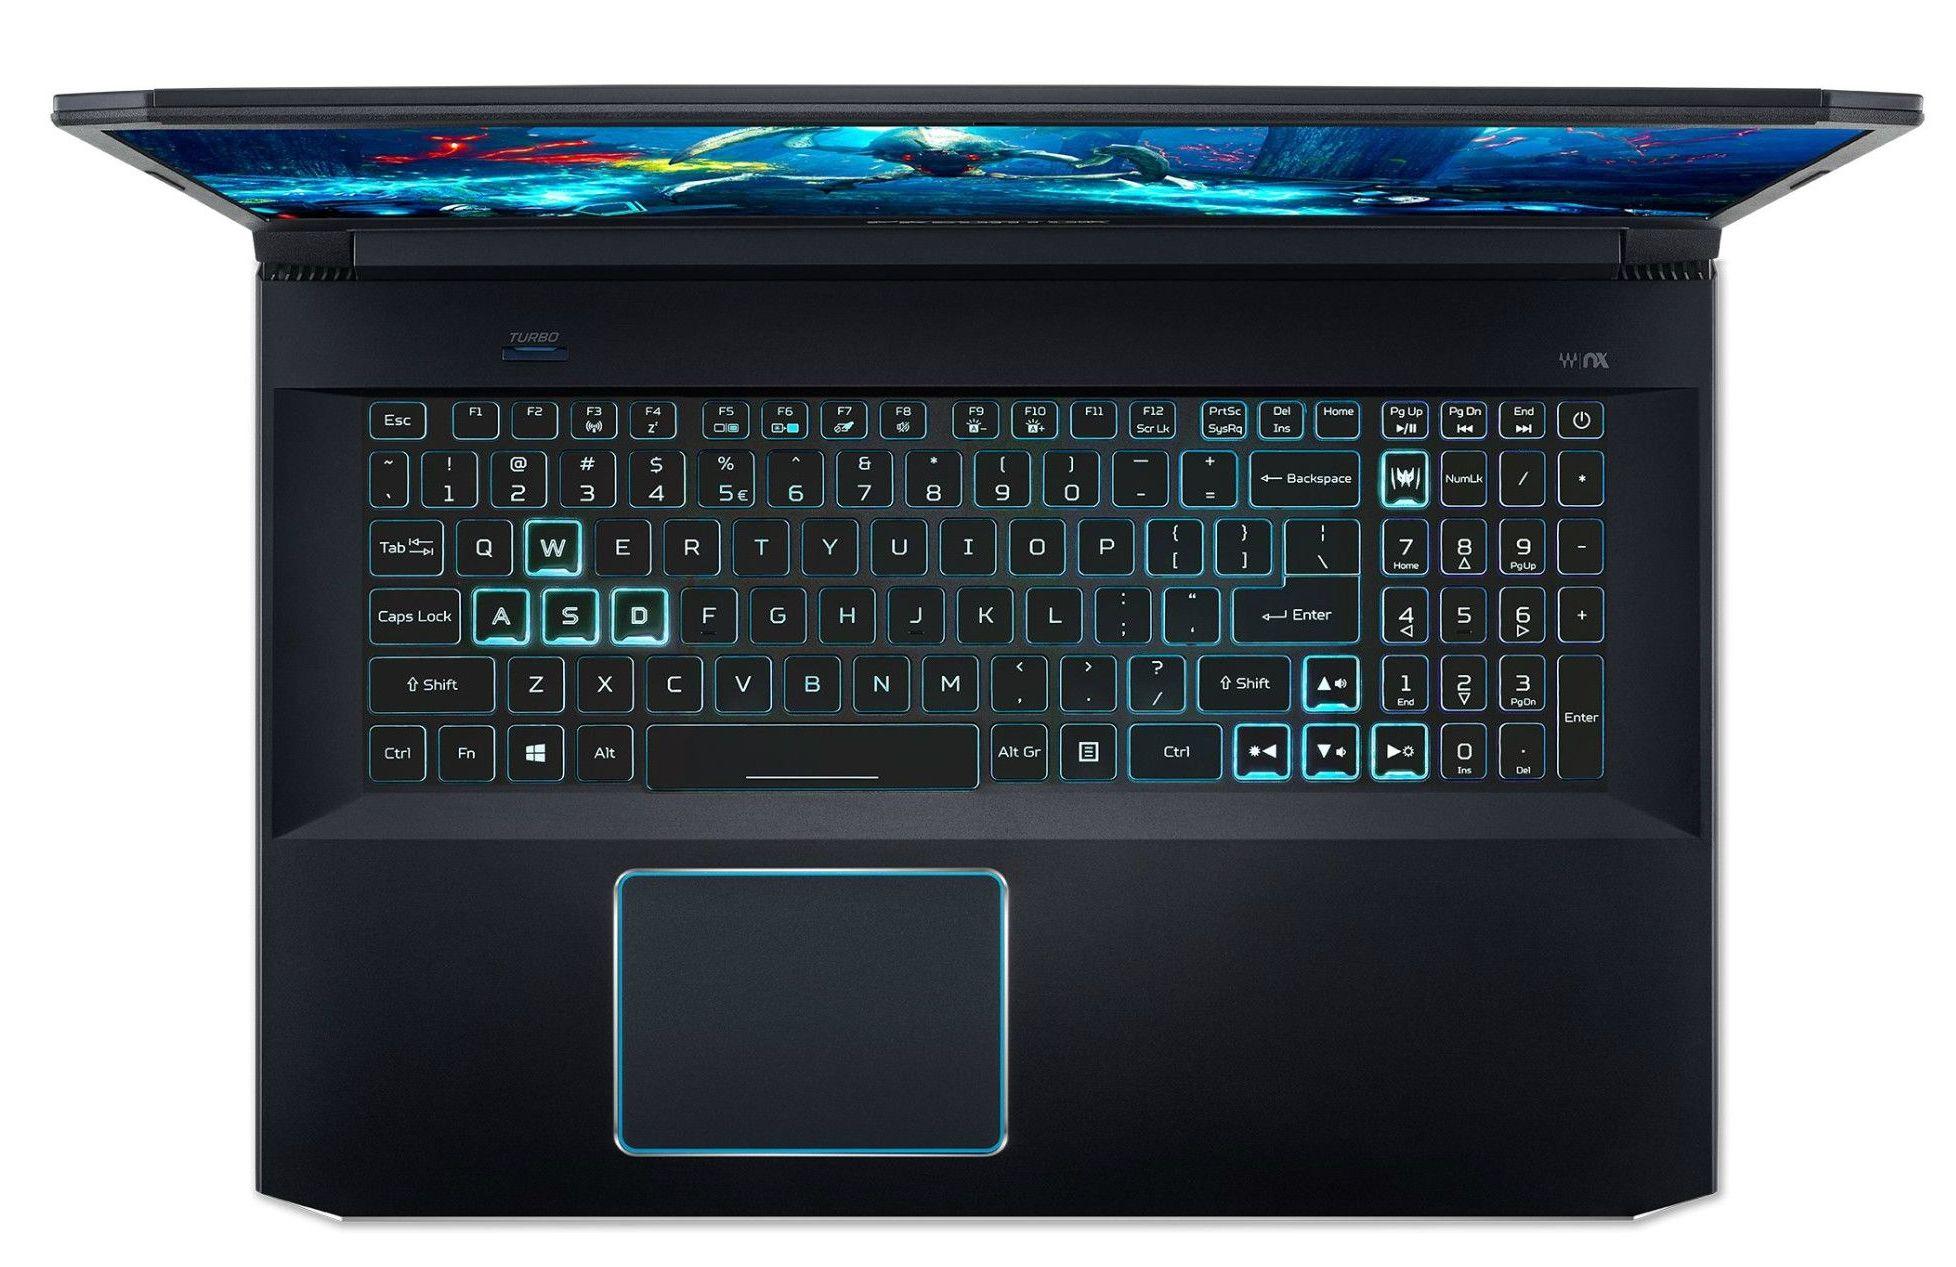 Гейминг лаптоп Acer - PH317-53-73V1, черен - 4